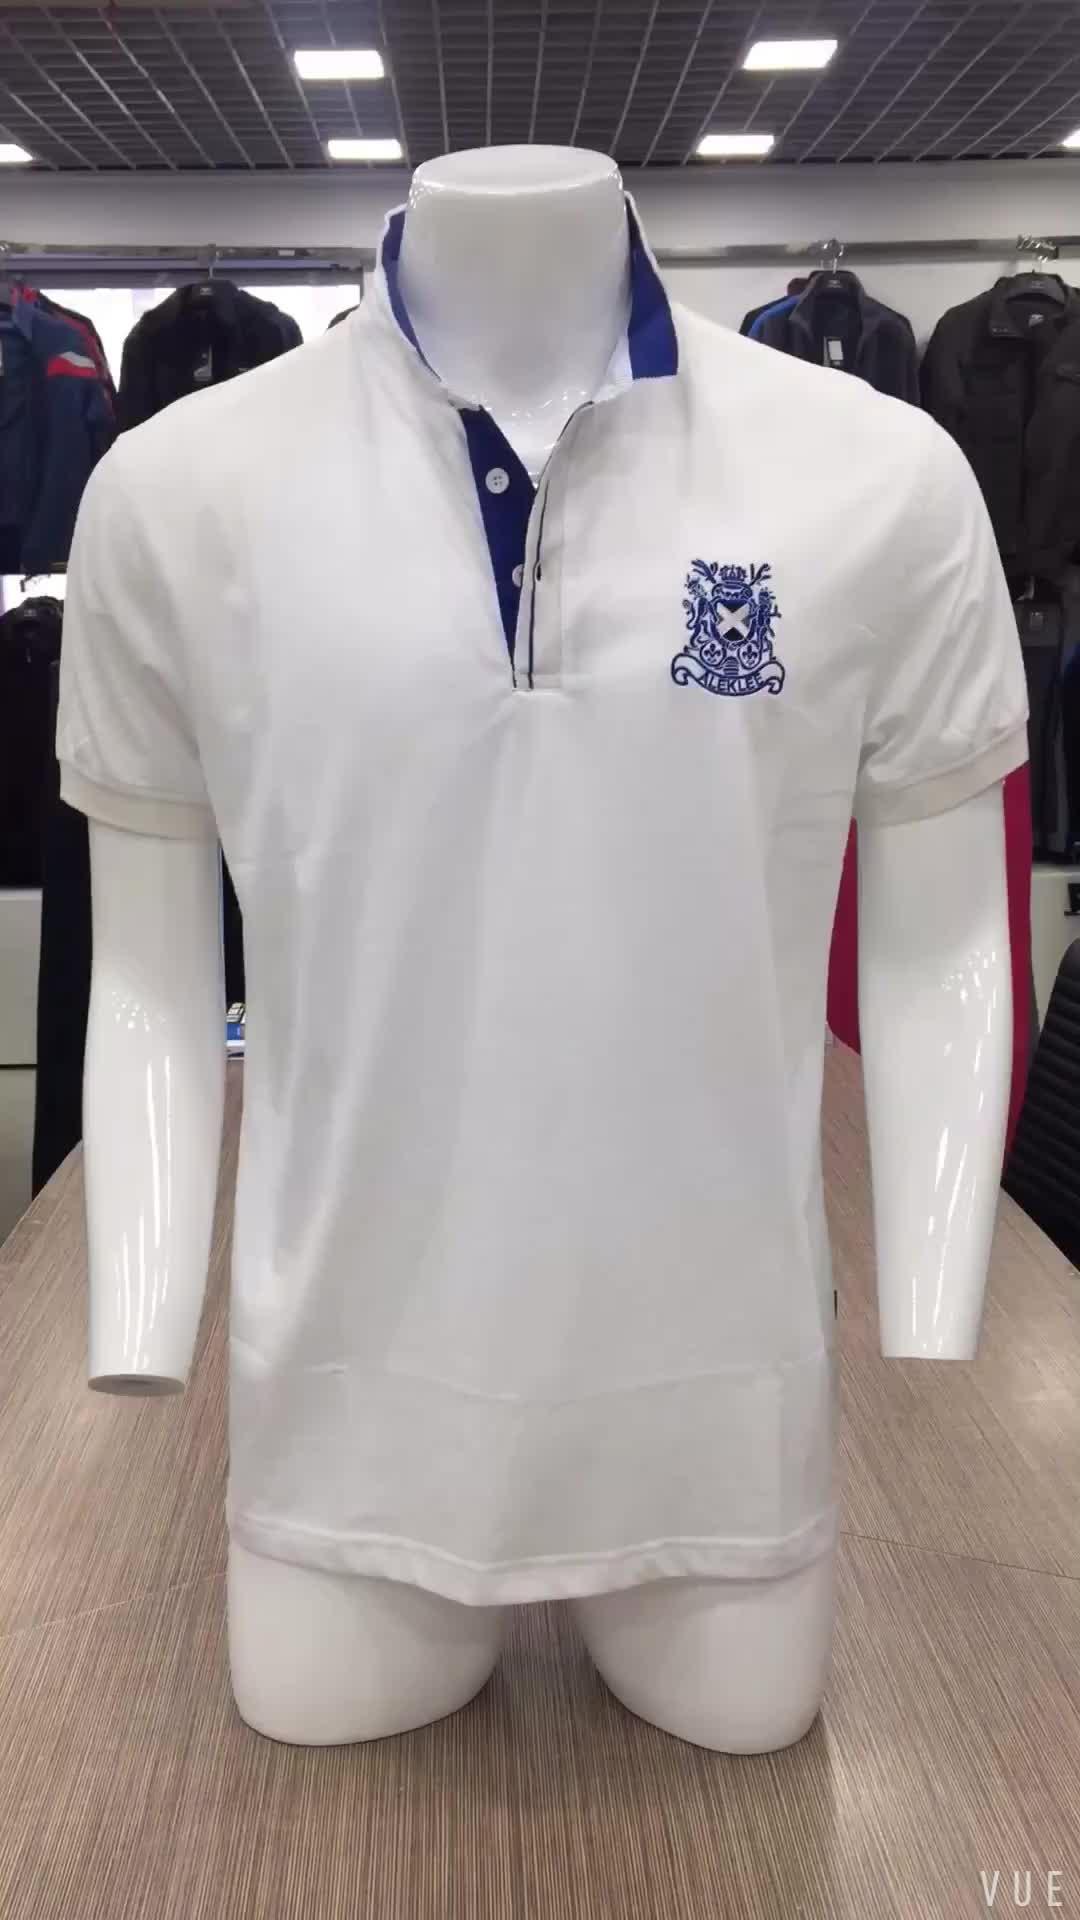 A buon mercato formale in bianco tradizionale turco uomini vestiti di polo della maglietta degli uomini di disegno del collare cinese lauren tinta unita in bianco t-shirt per uomini